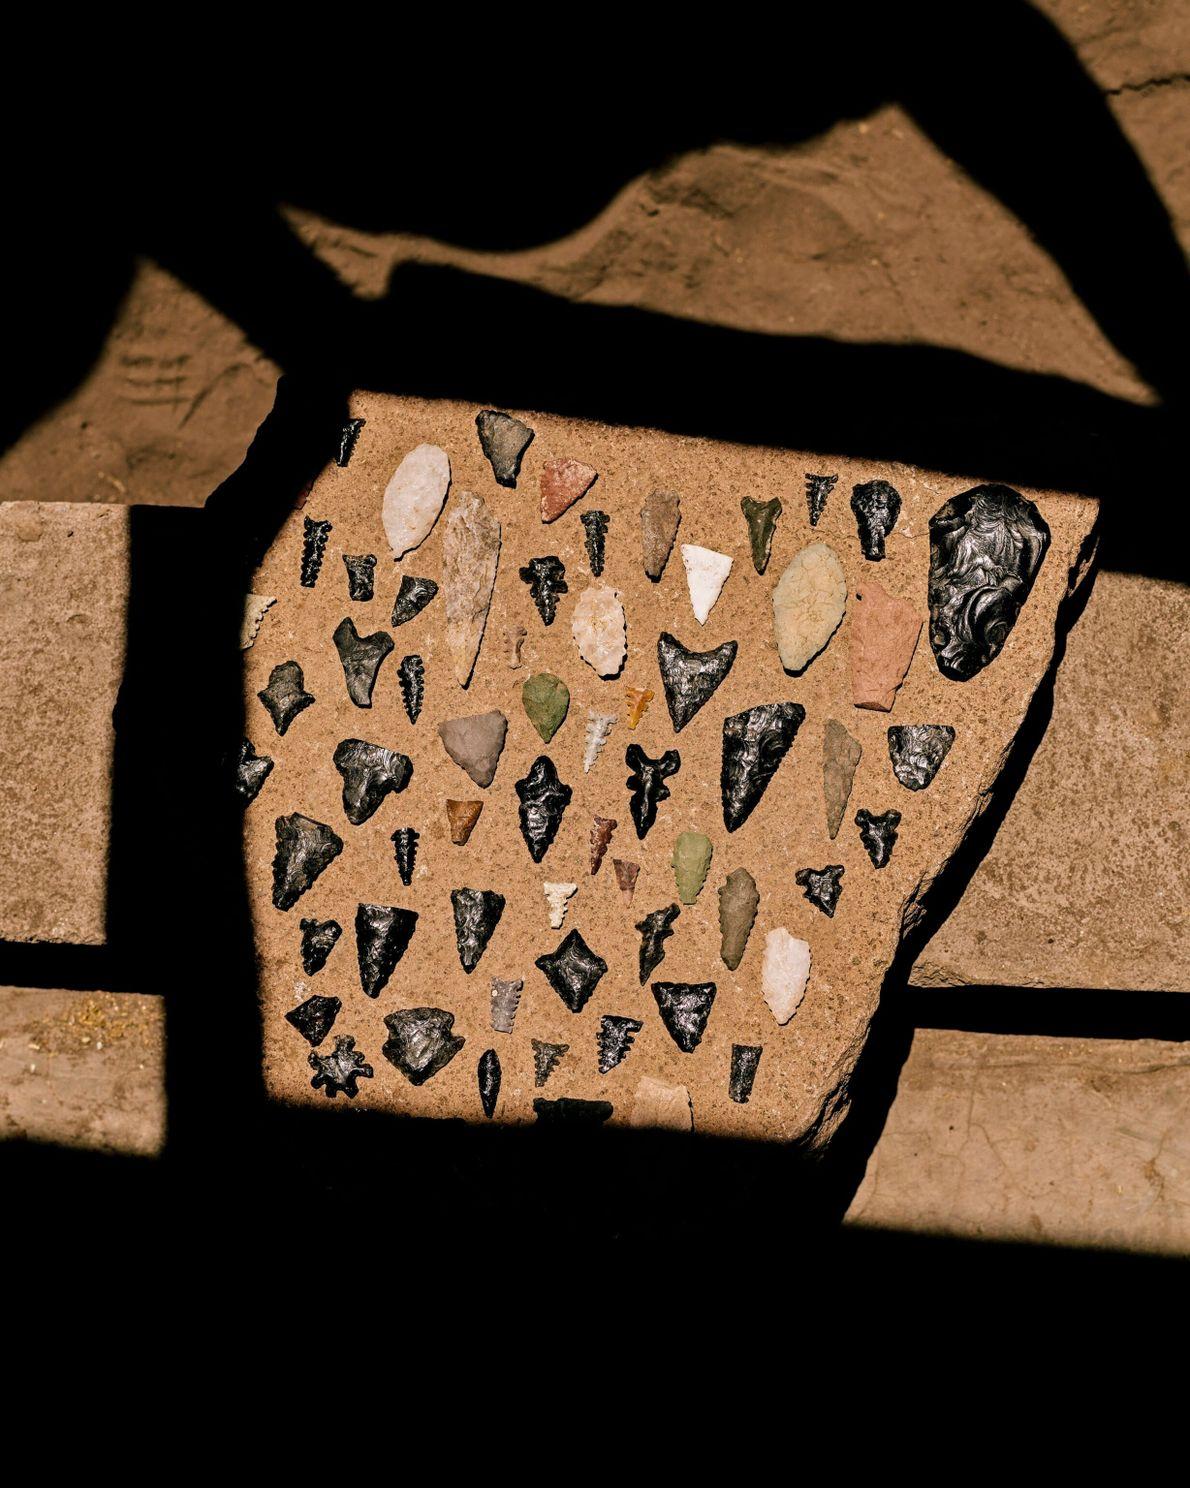 Cette collection de pointes de flèche fabriquées par les peuples indigènes d'une autre époque a été ...